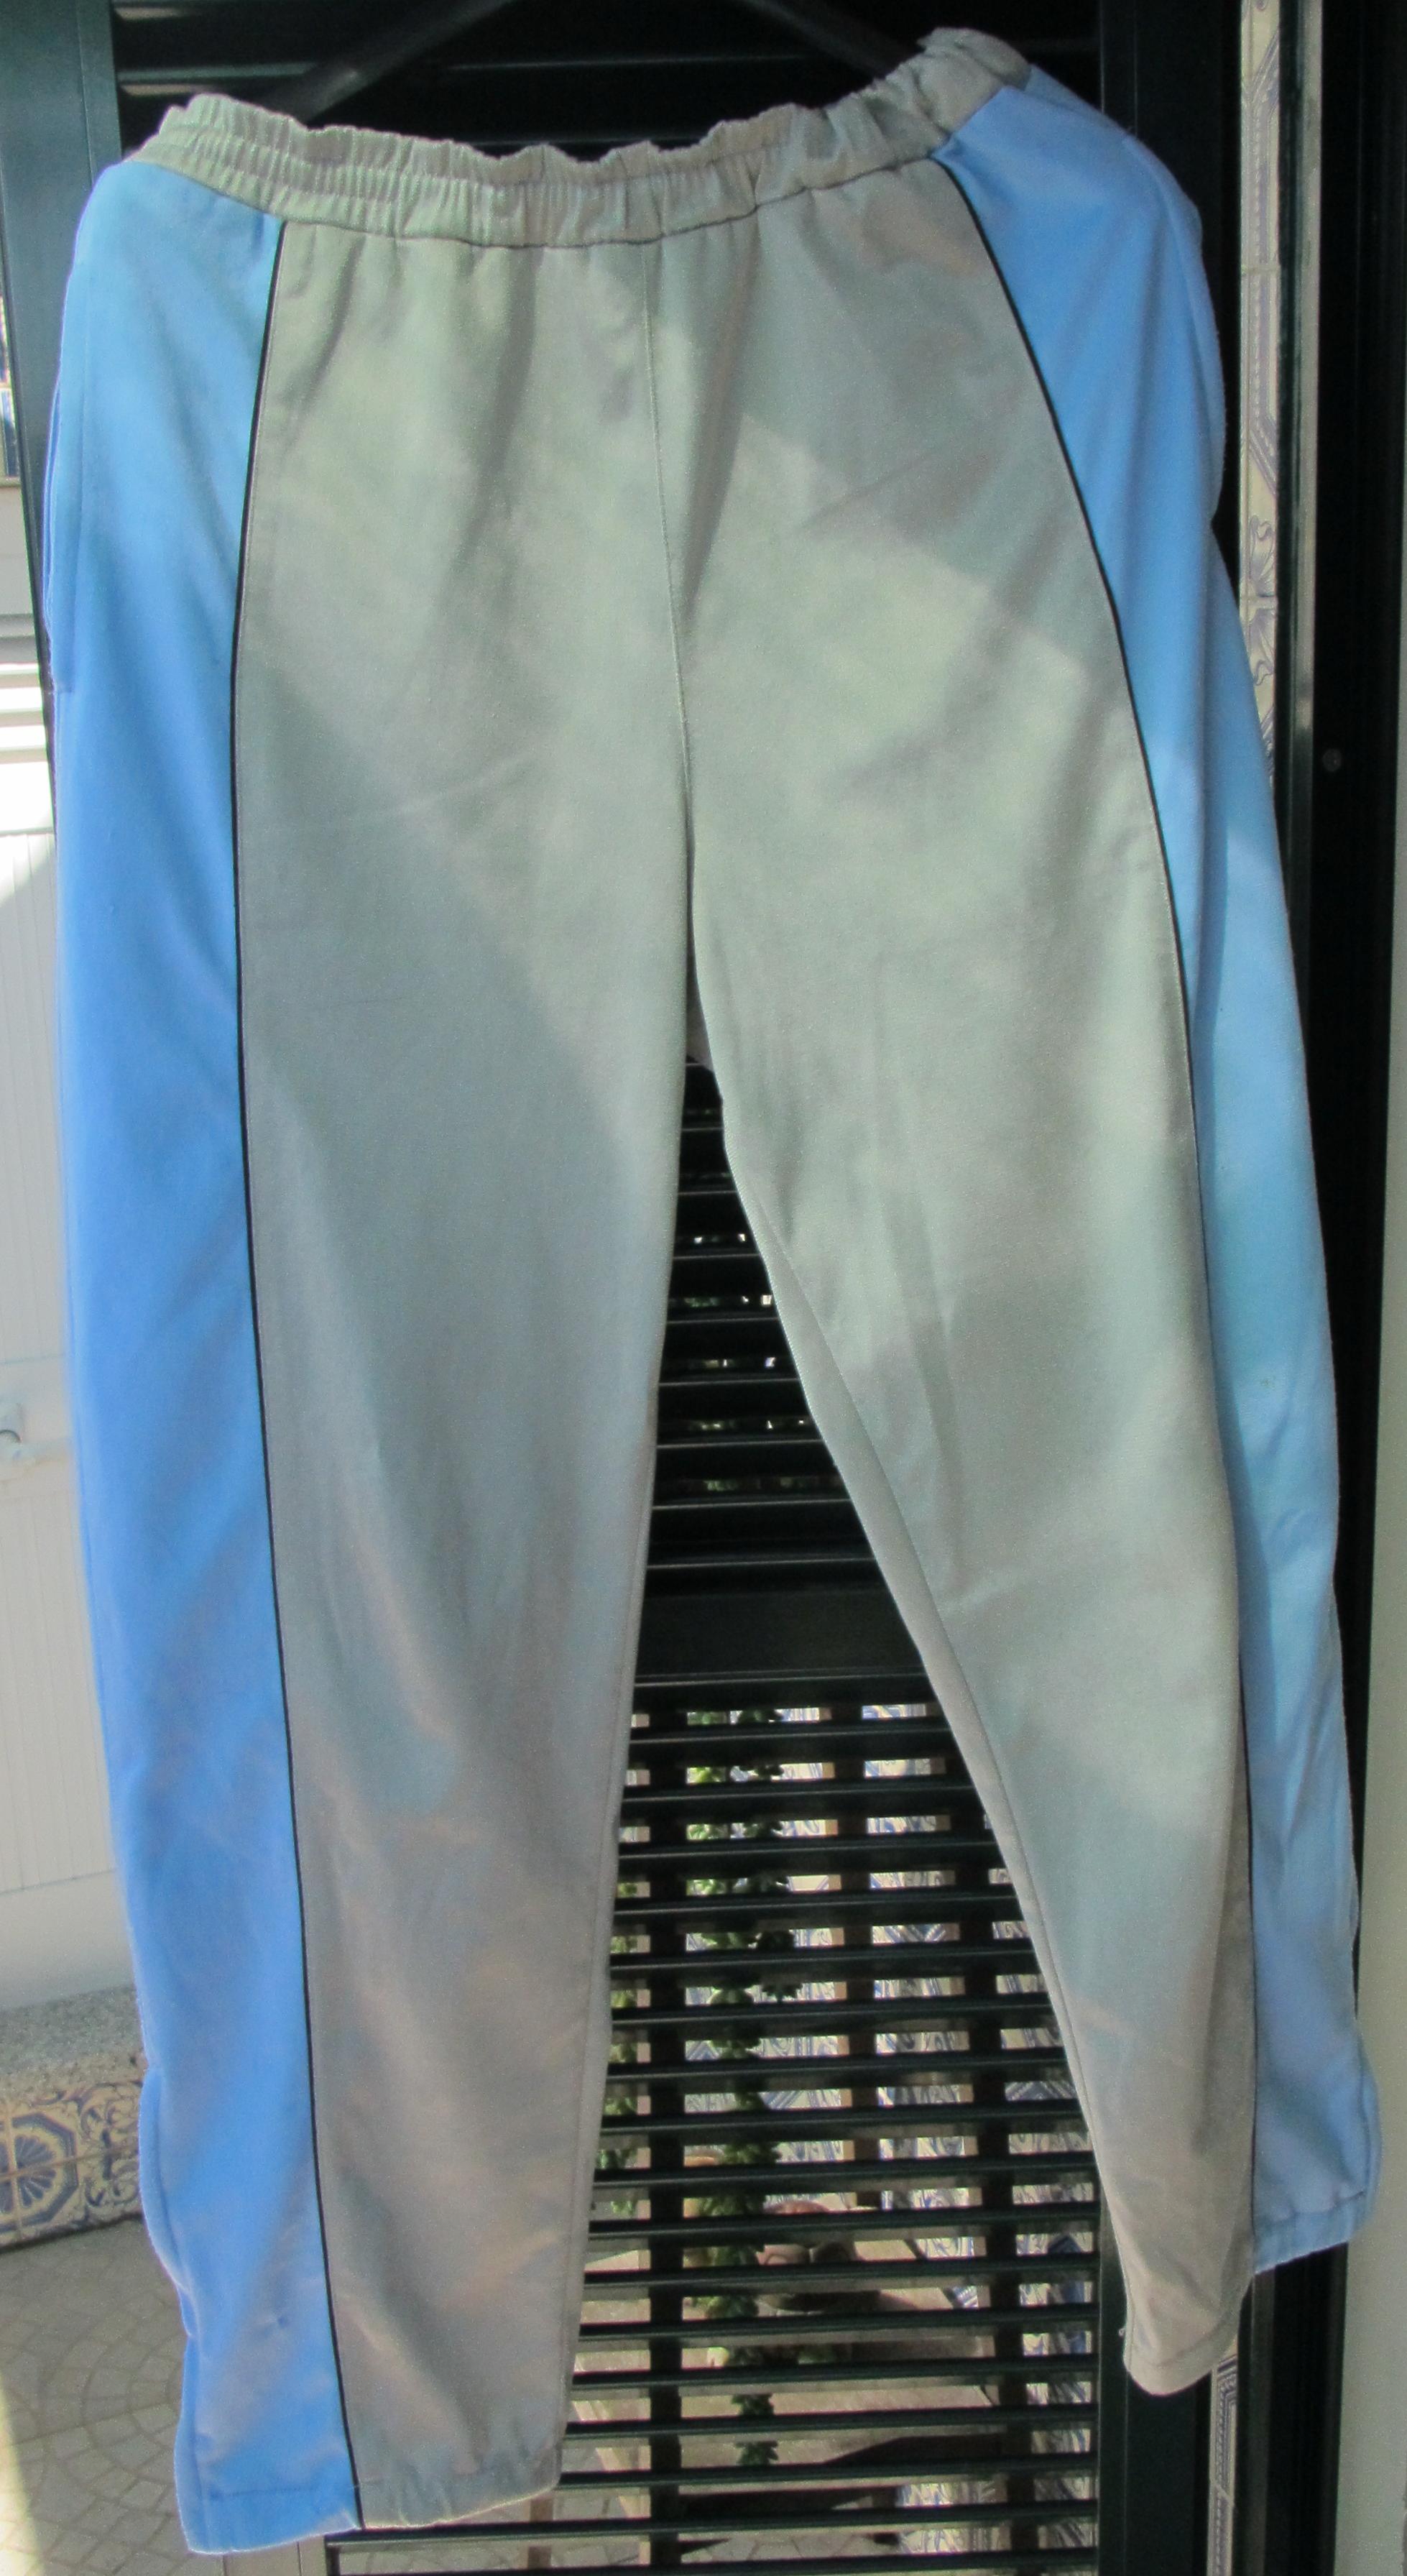 vestuario-desportivo-do-s-s-2000-calcas